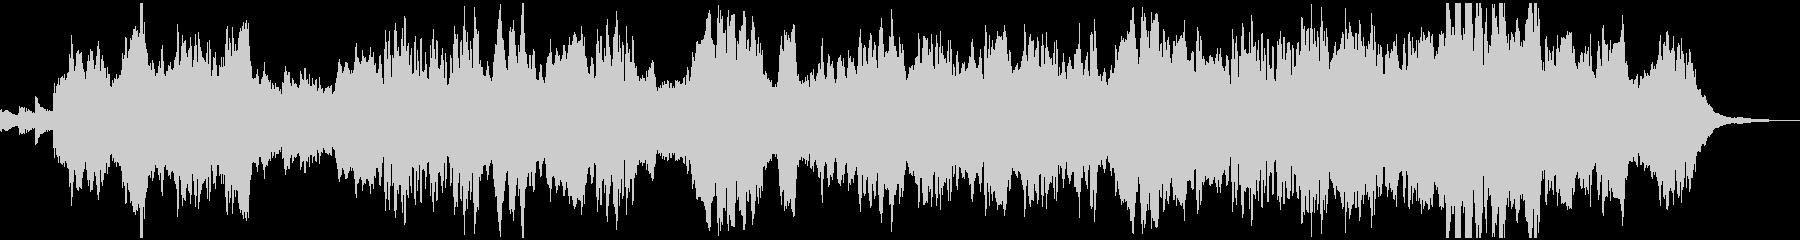 フルートとオーボエの優雅なBGMの未再生の波形